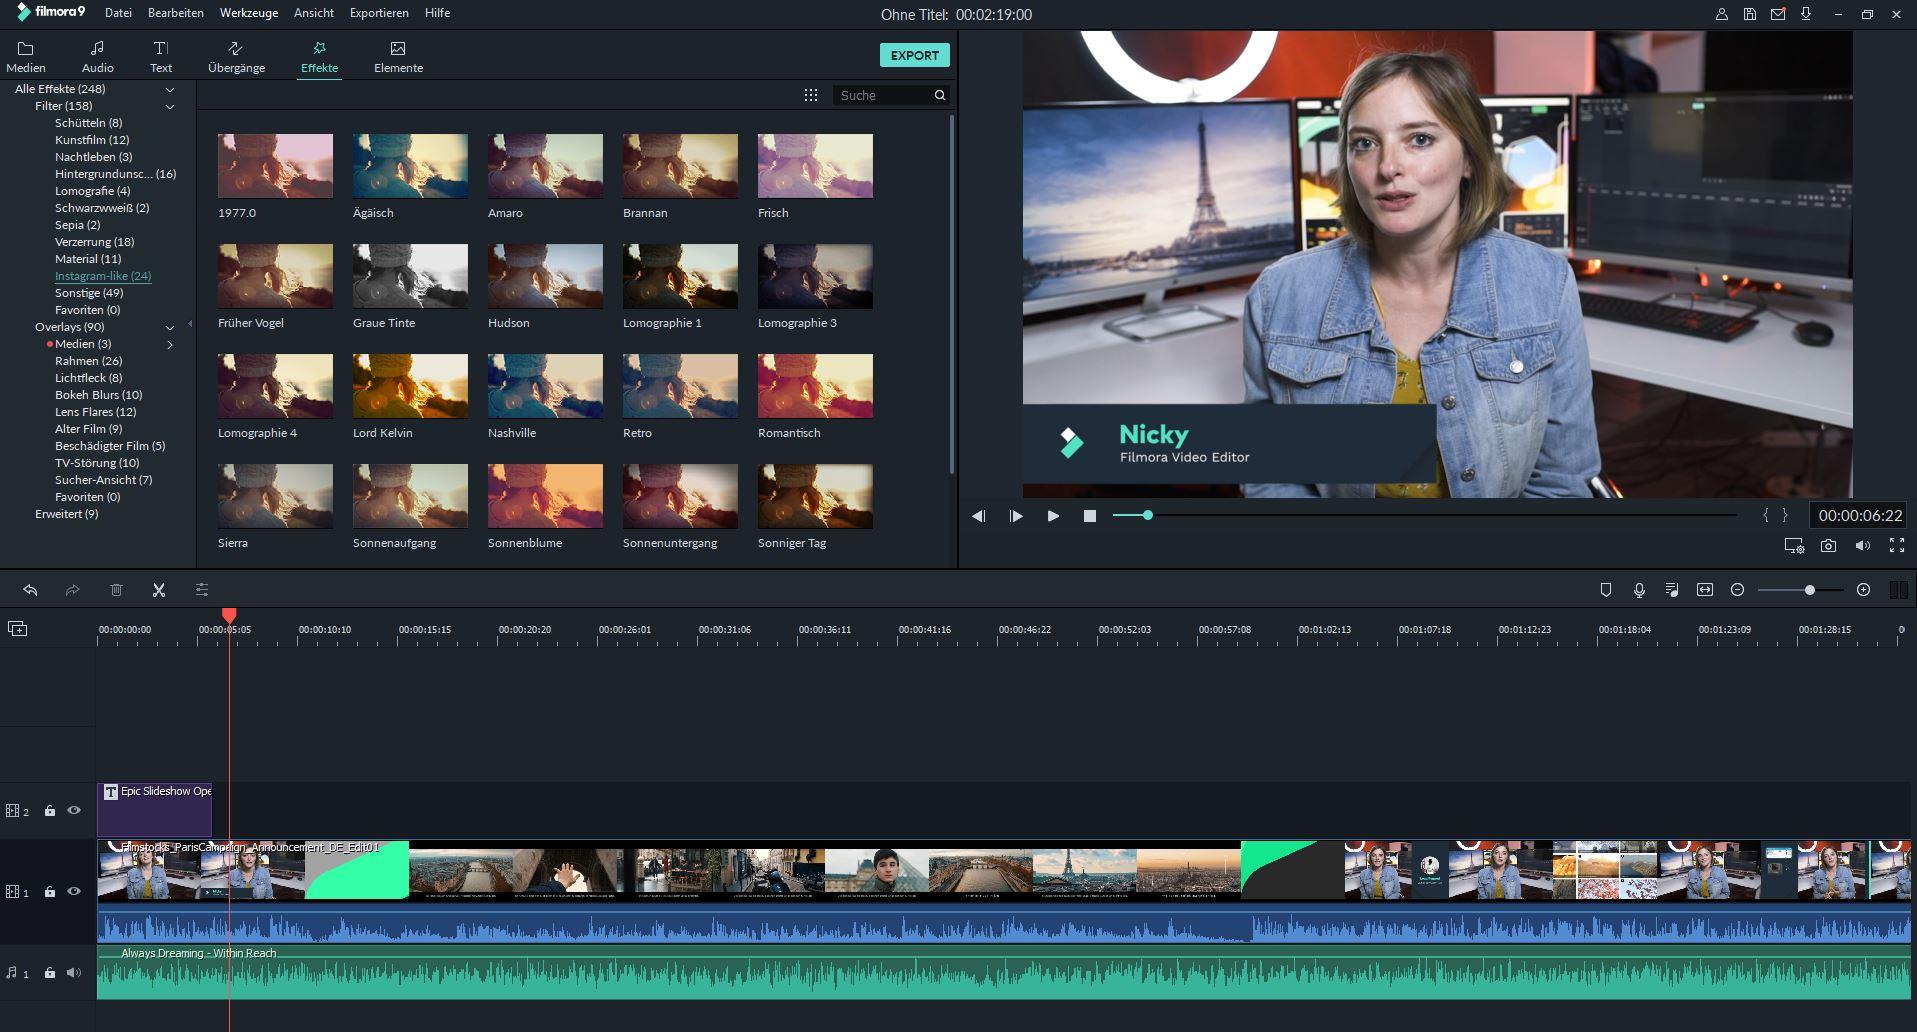 wondershare filmora kostenloses videobearbeitungsprogramm